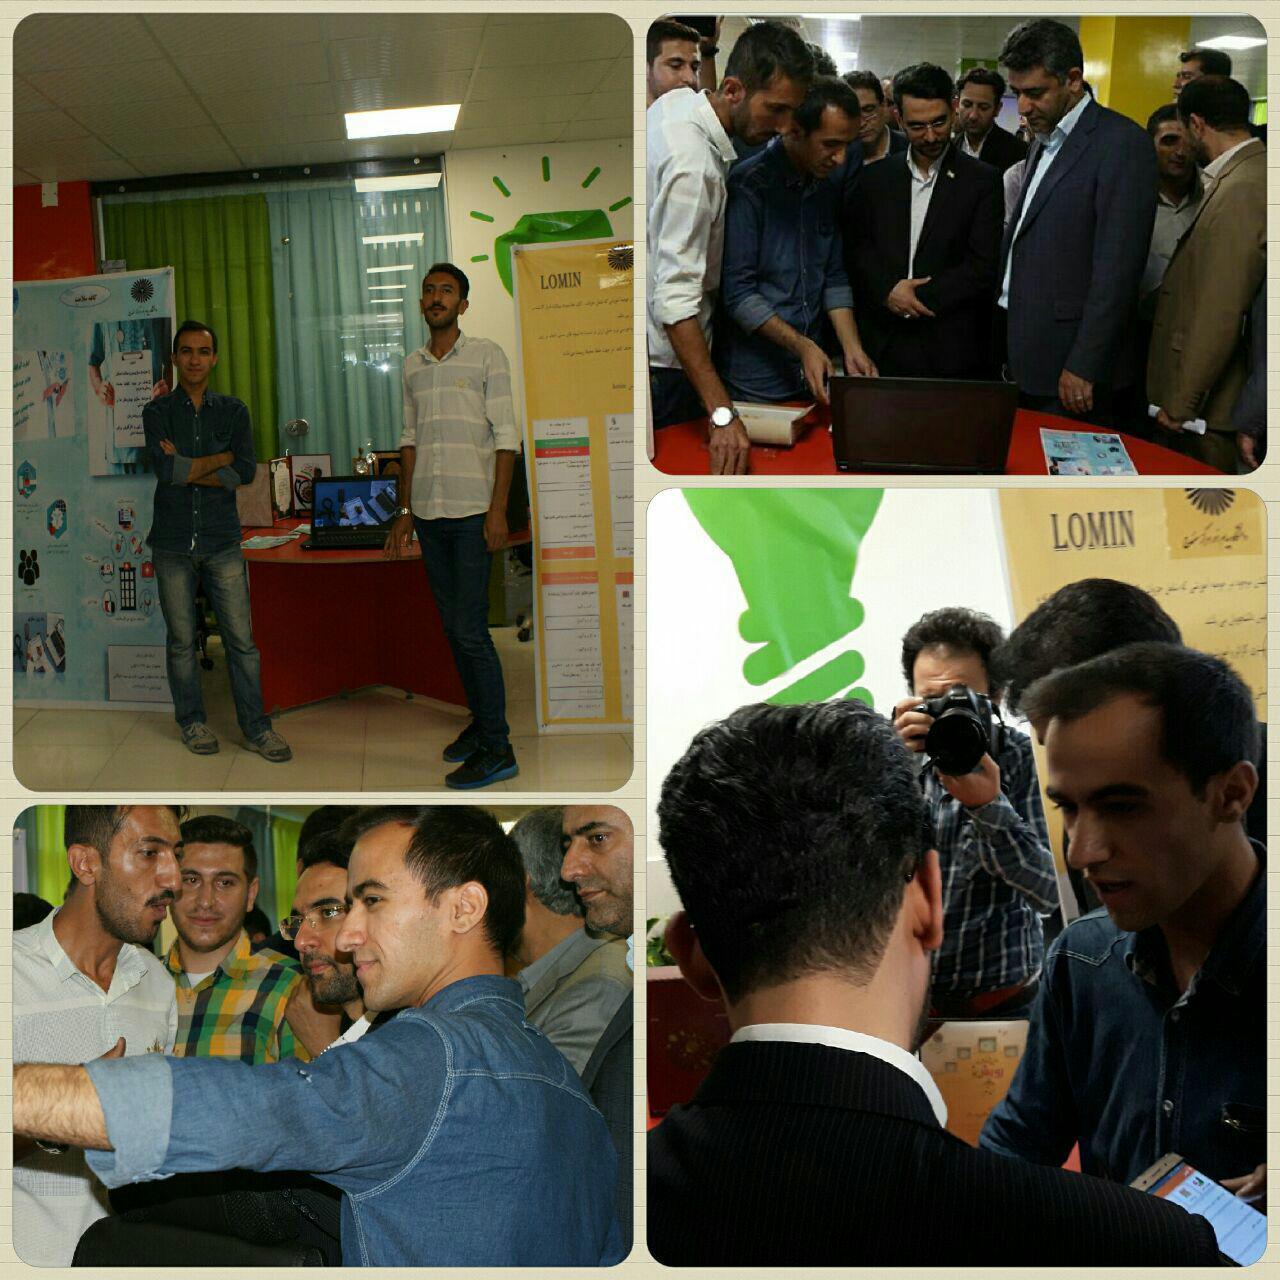 بازدید دکتر آذری جهرمی از غرفه دستاورد های دانشجویان دانشگاه پیام نور مرکز سنندج